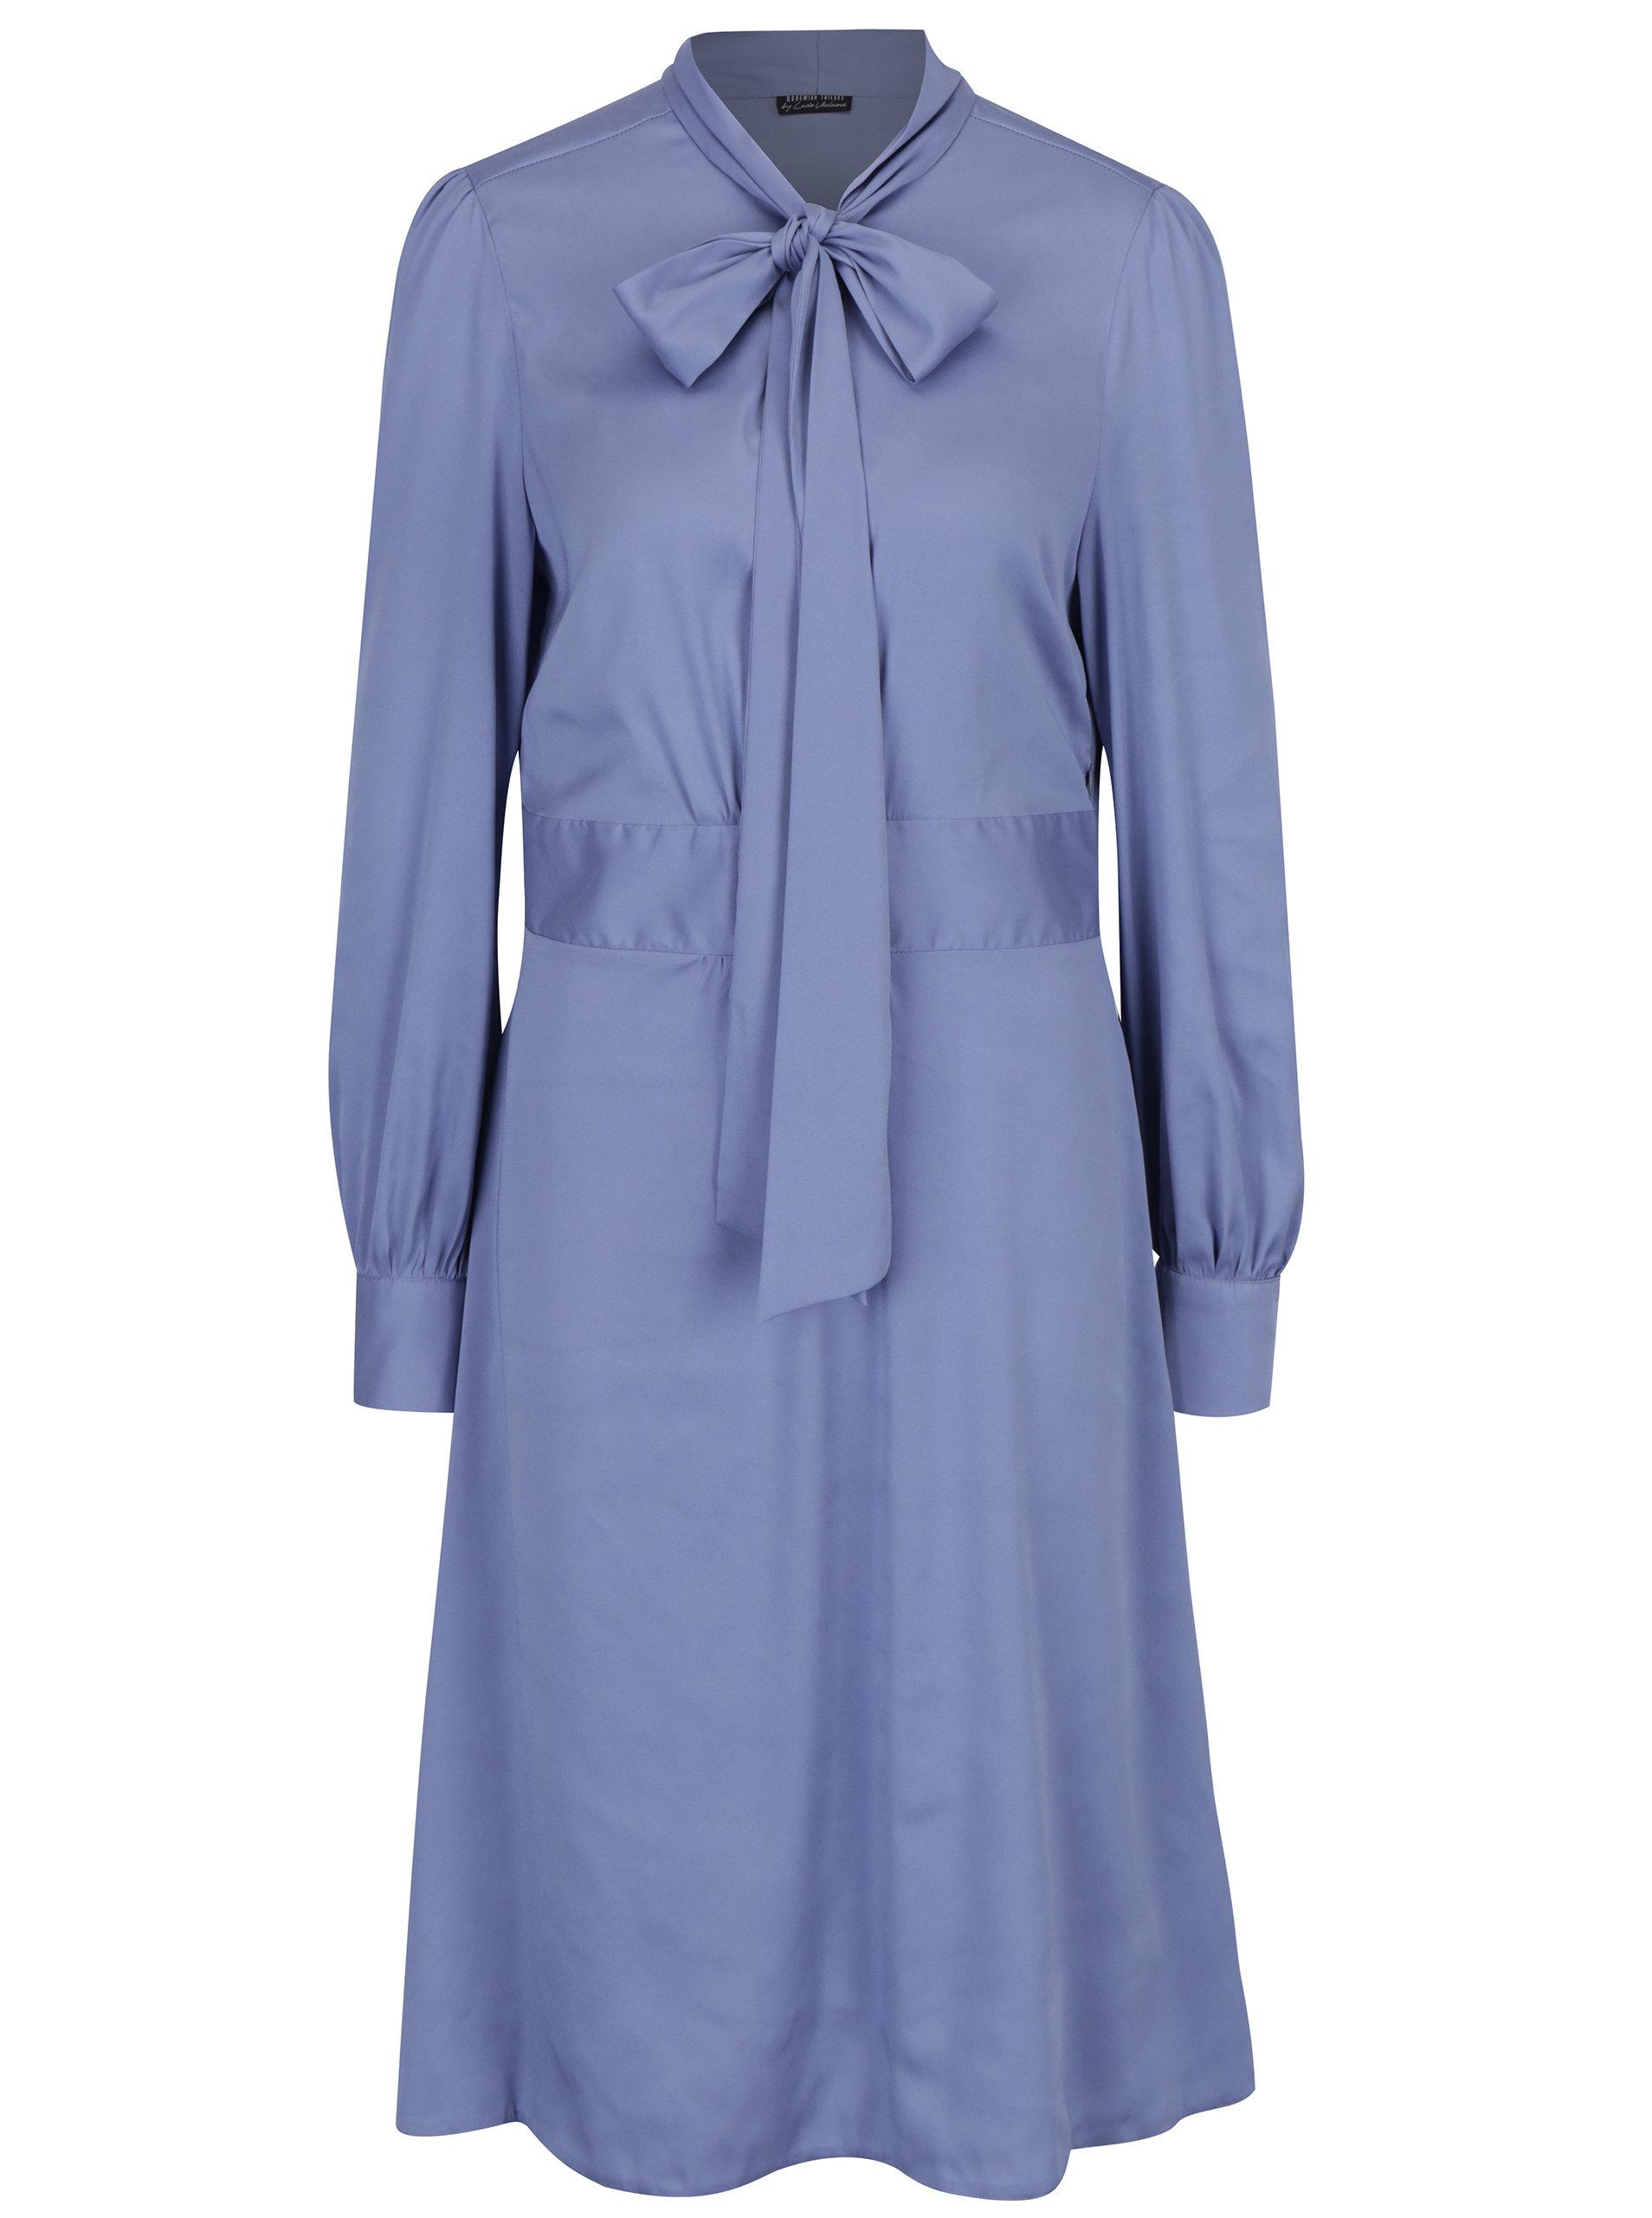 Světle fialové šaty s dlouhým rukávem Bohemian Tailors Bera ... 185a6f052f